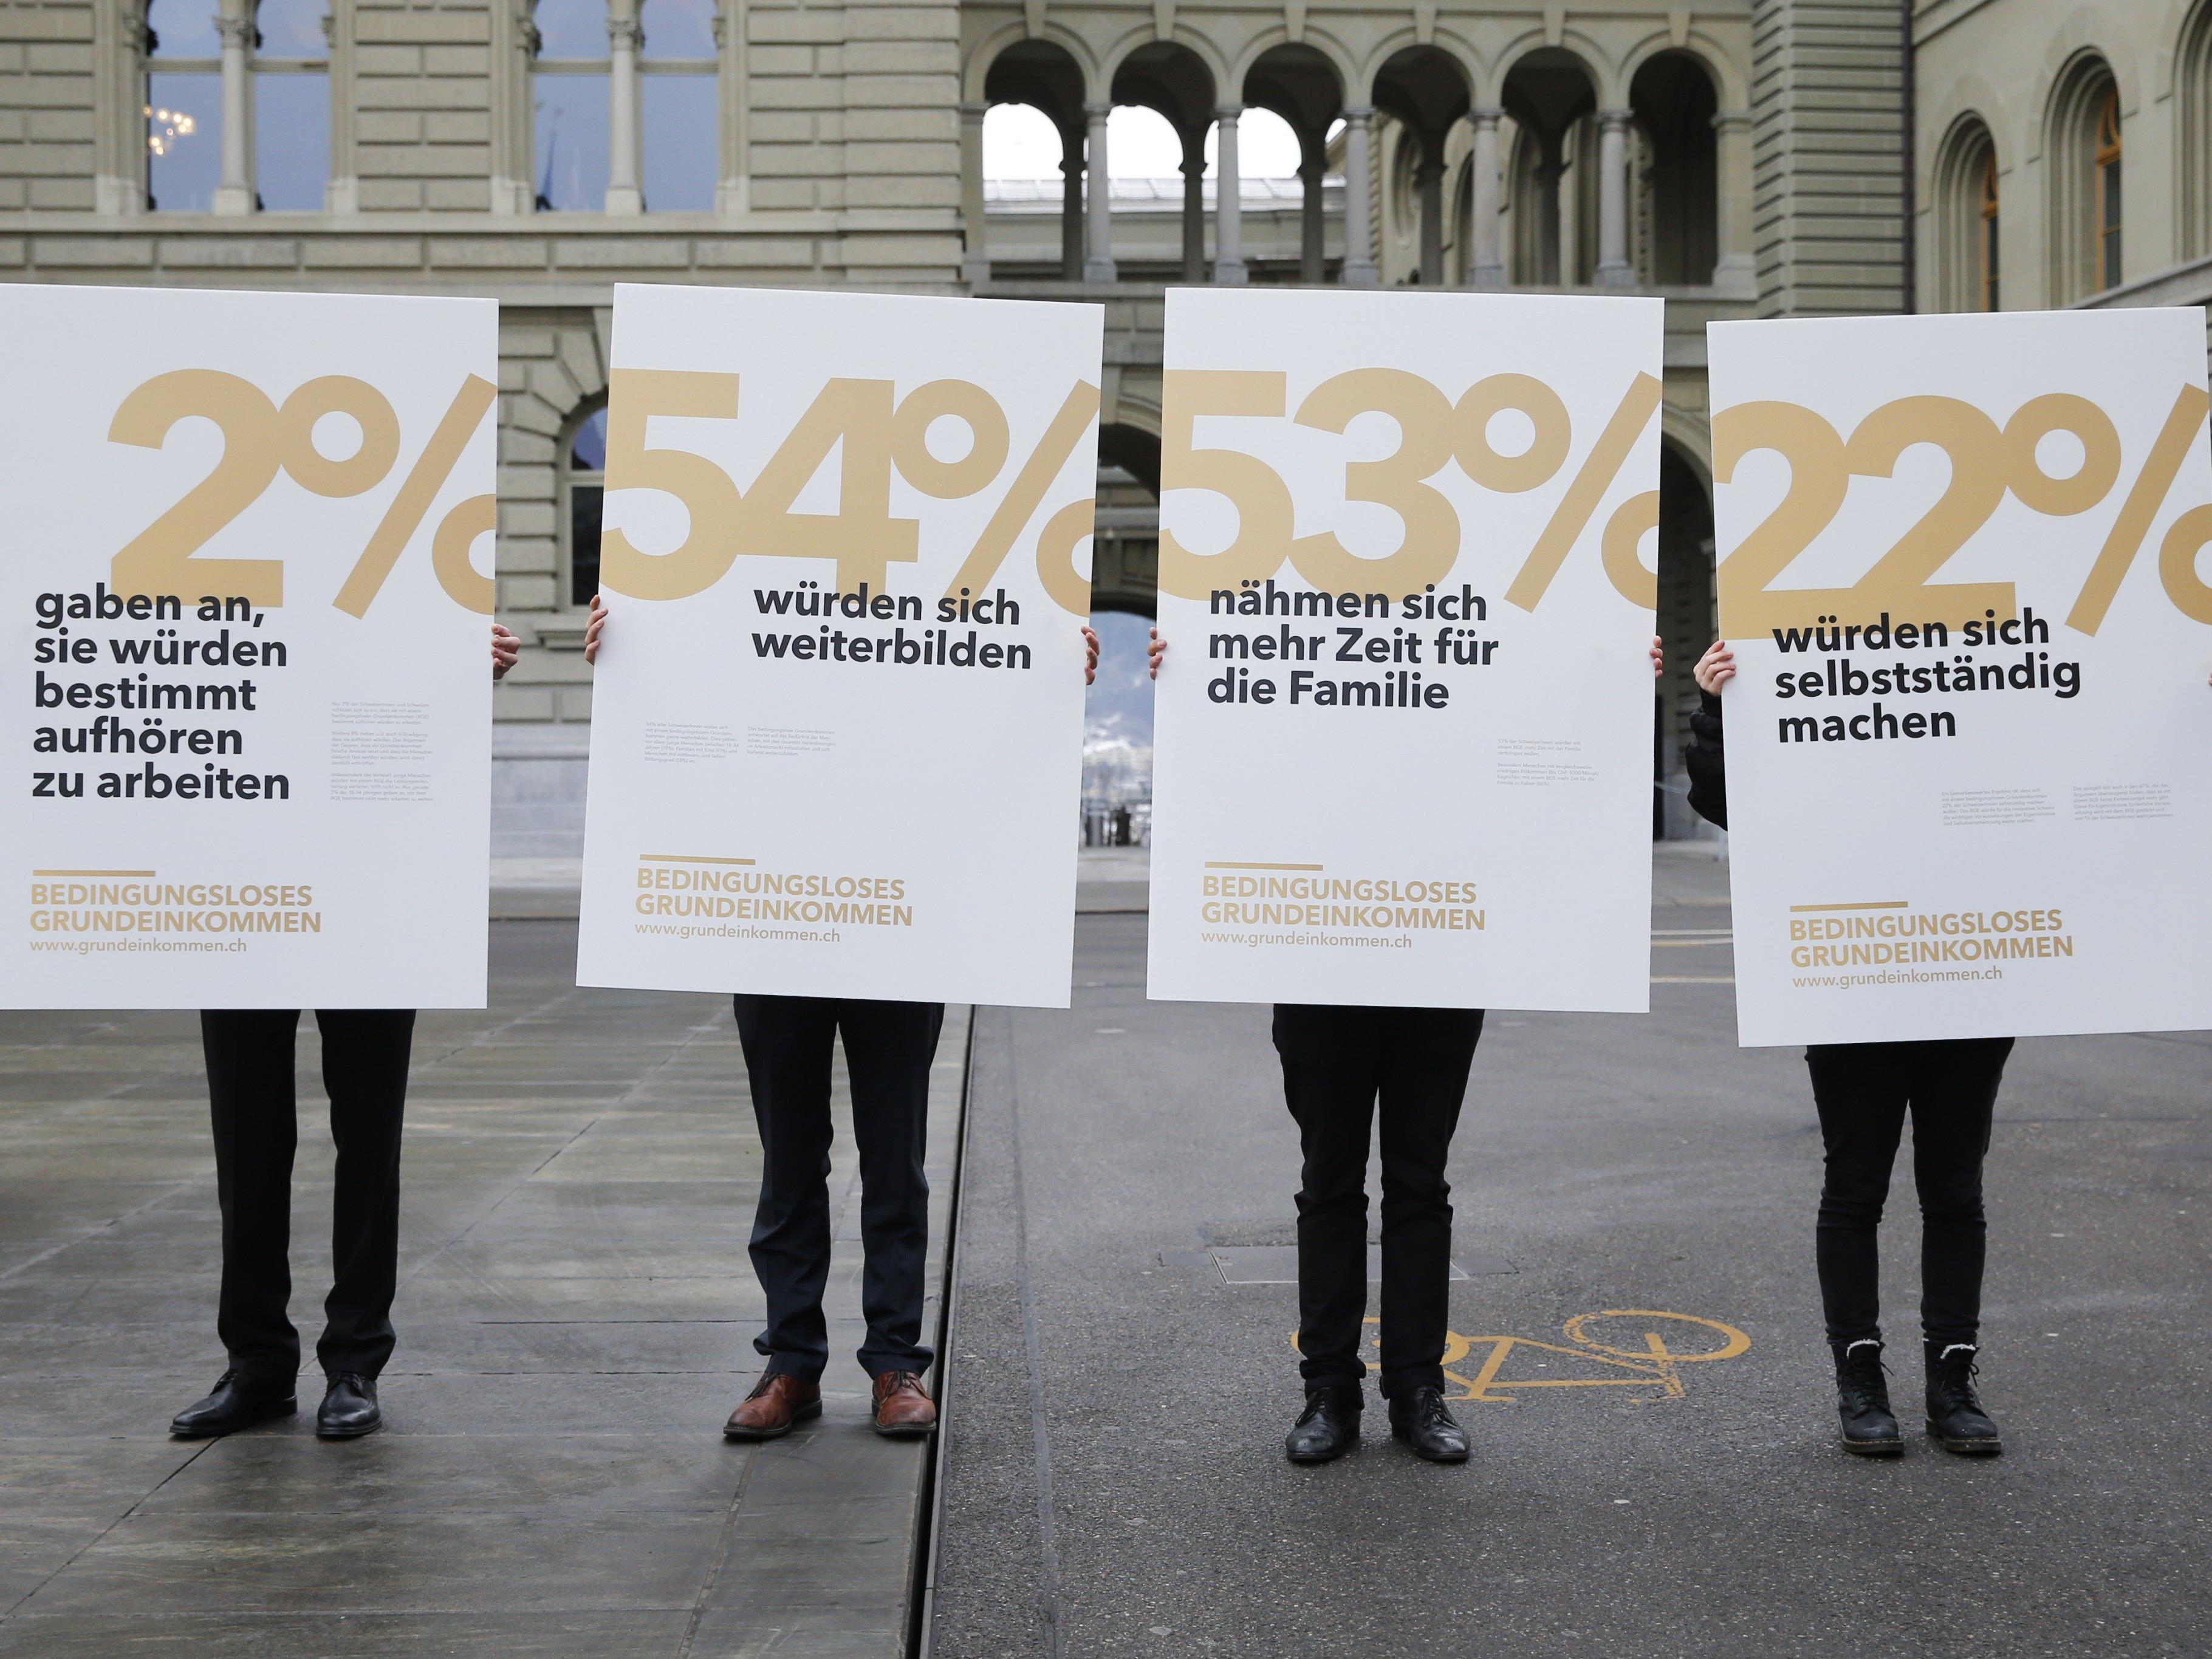 In der Schweiz haben die Wähler ein bedingungsloses Grundeinkommen abgelehnt.